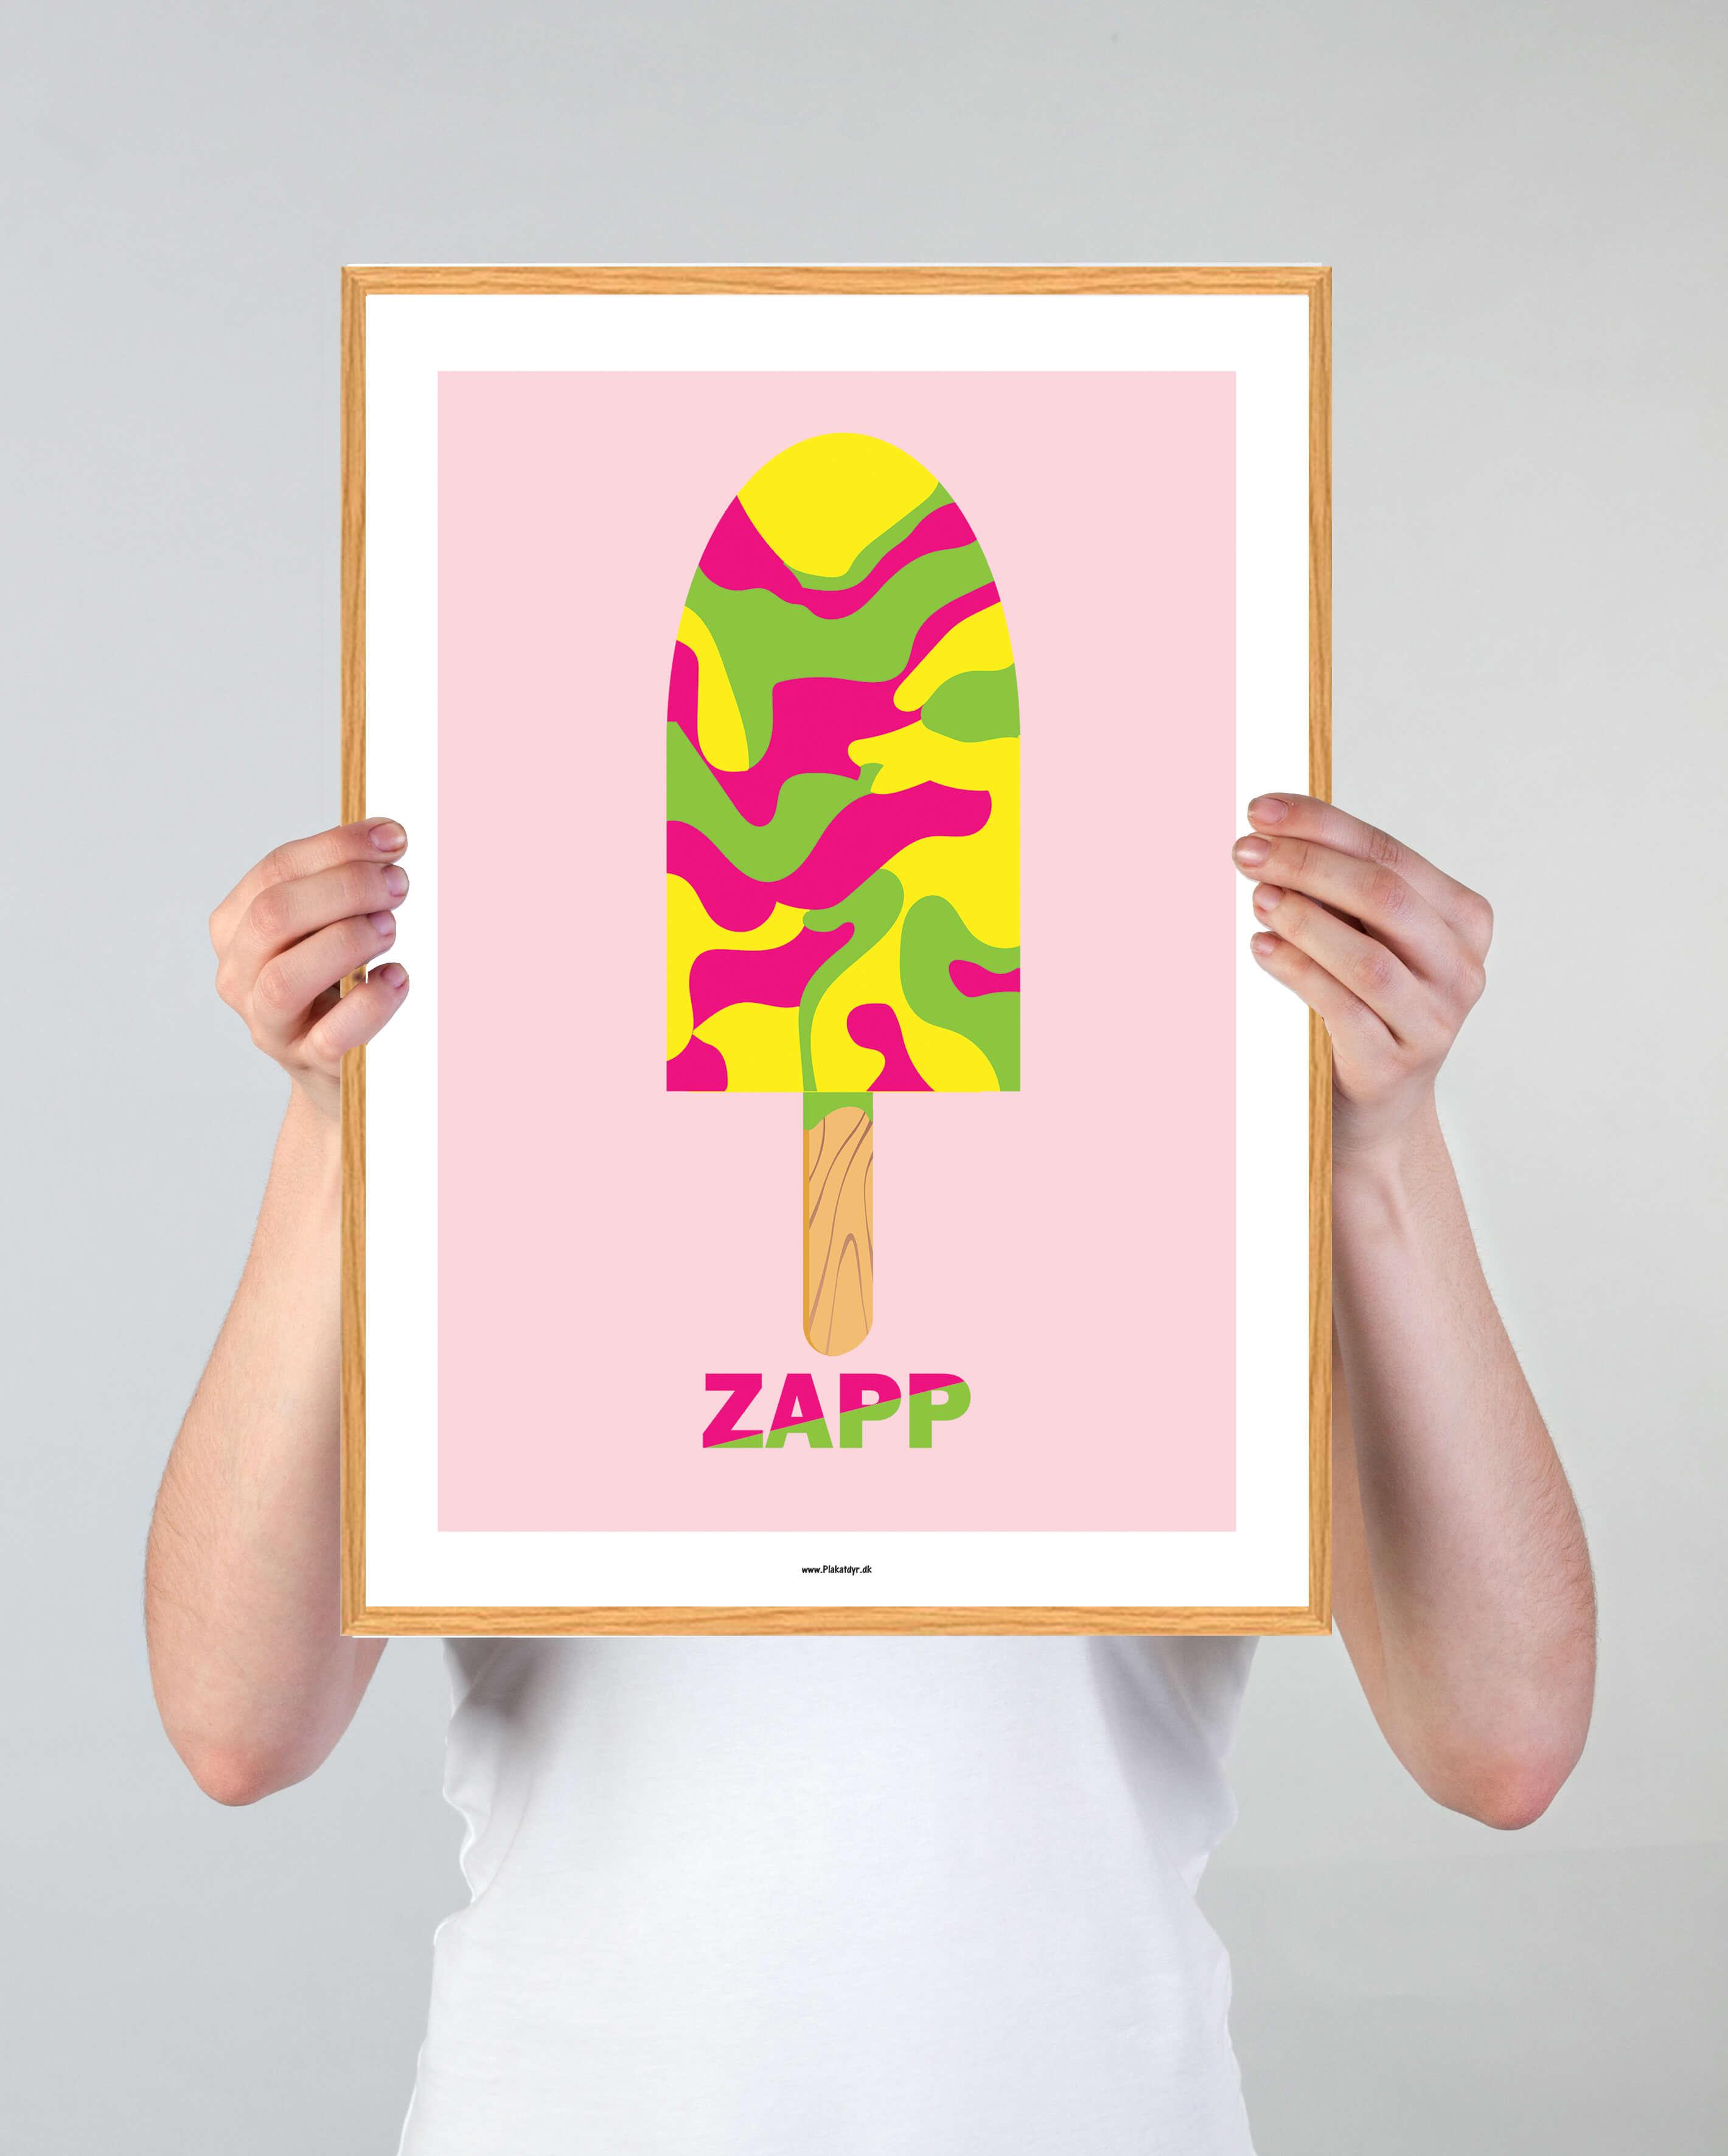 zapp-plakat-roed